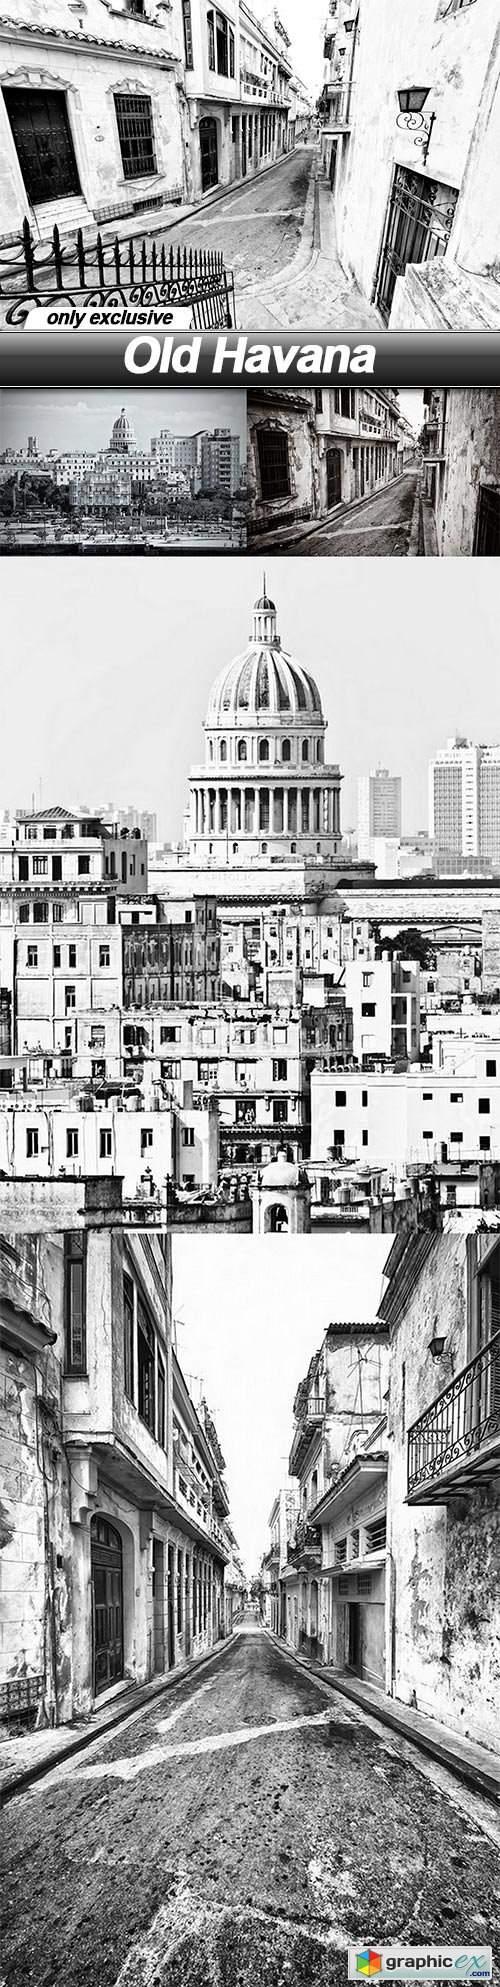 Old Havana - 5 UHQ JPEG